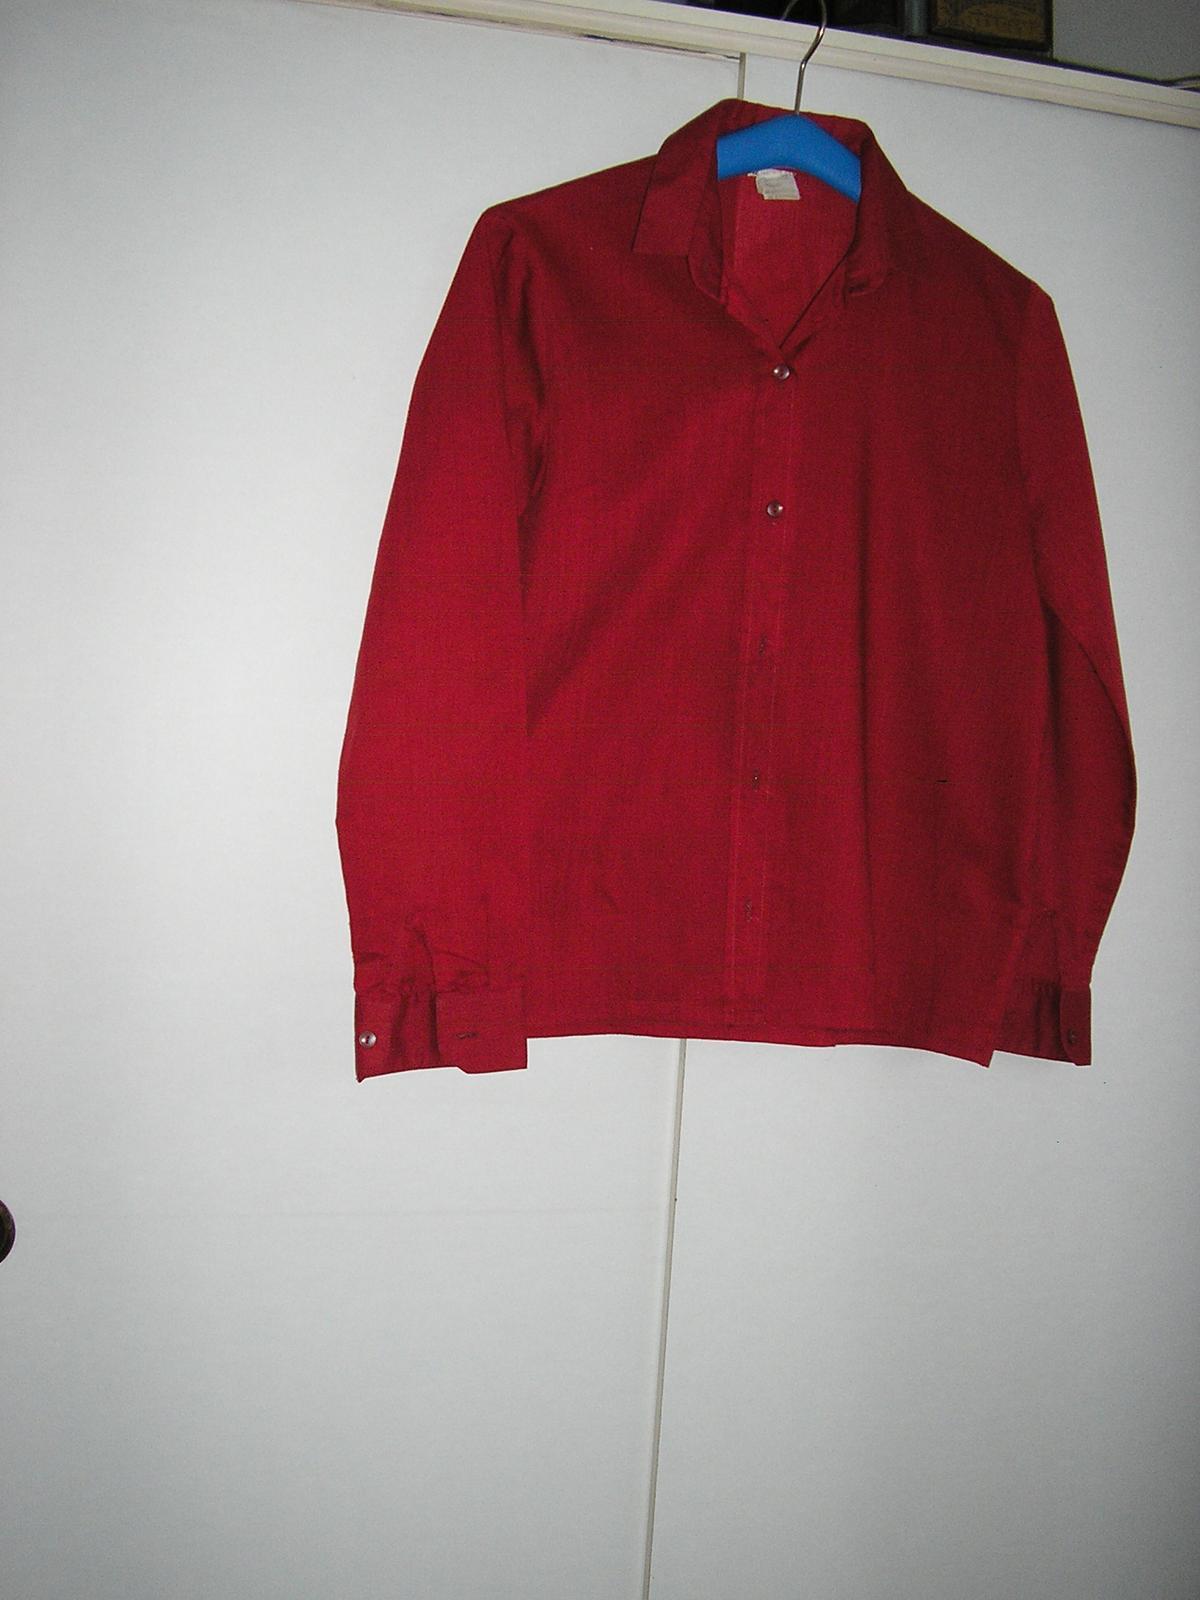 114. Bordová dámska košeľa  - Obrázok č. 1